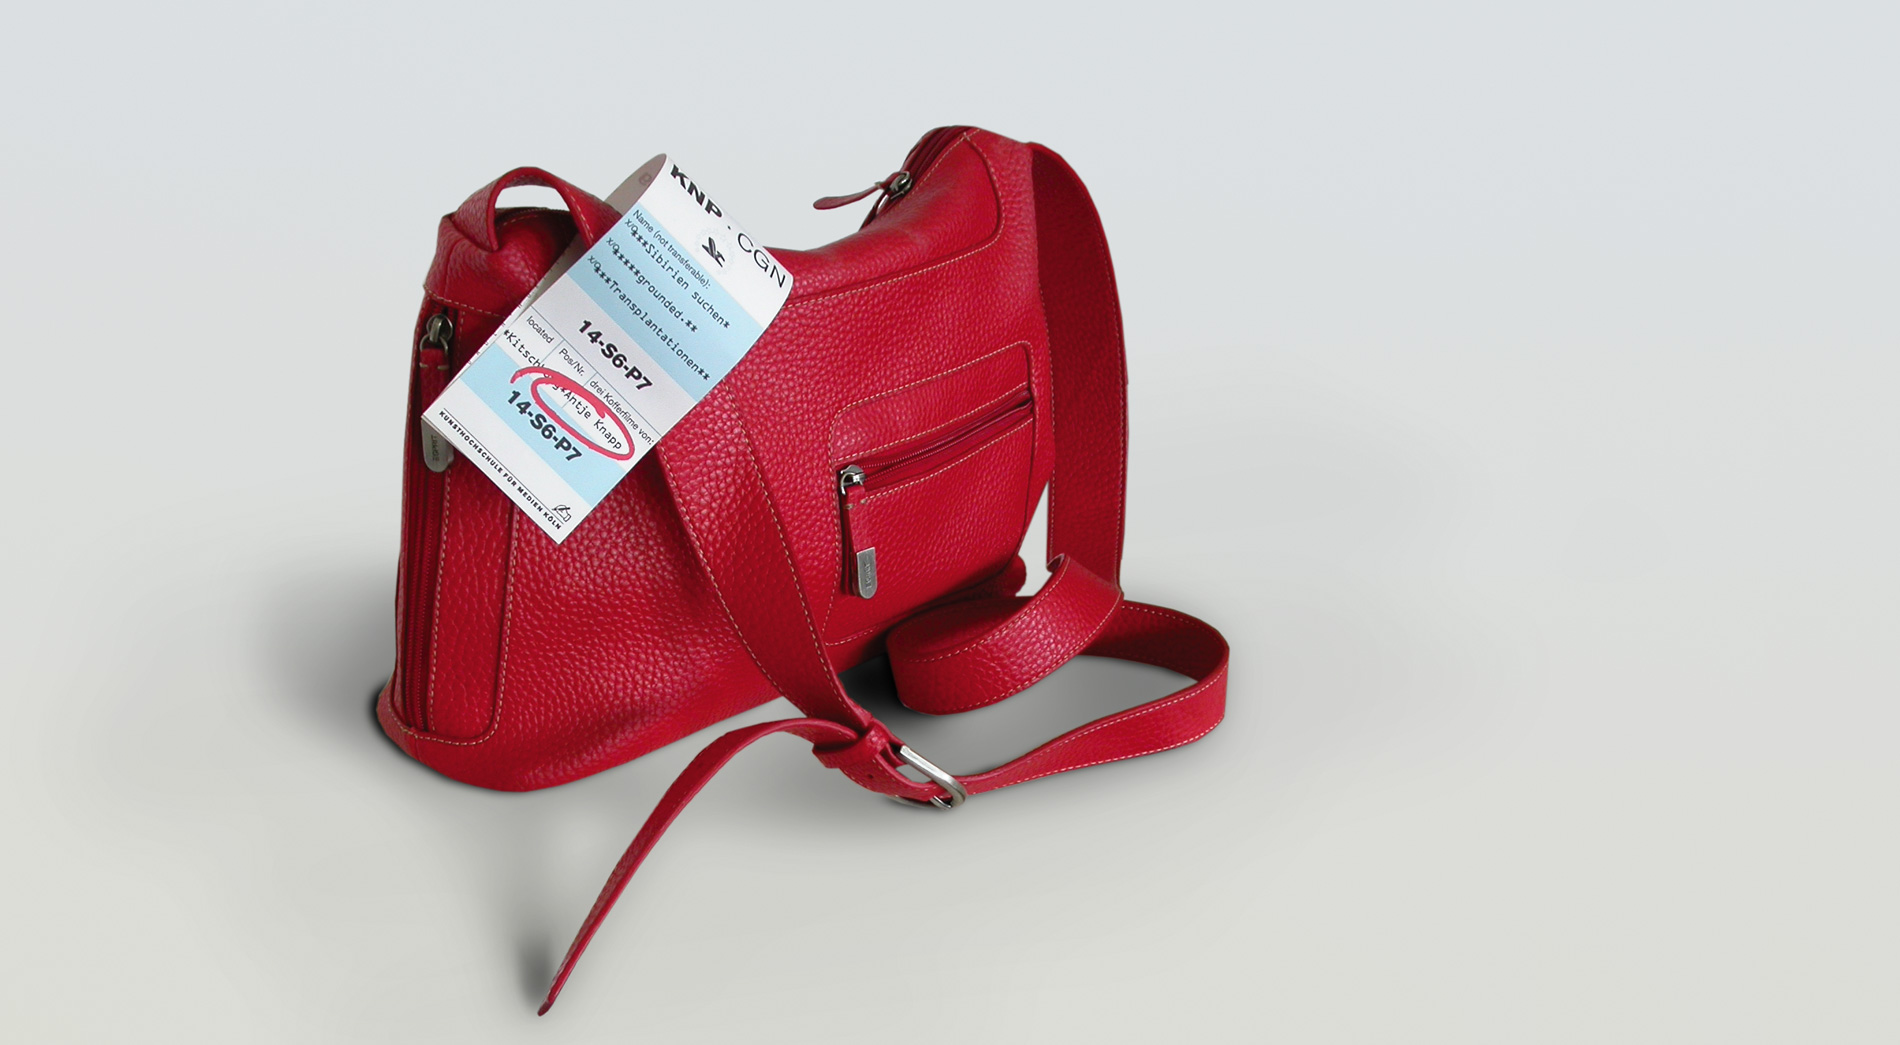 Flyer/Baggage Tag zur Filpremiere am Taschengurt befestigt